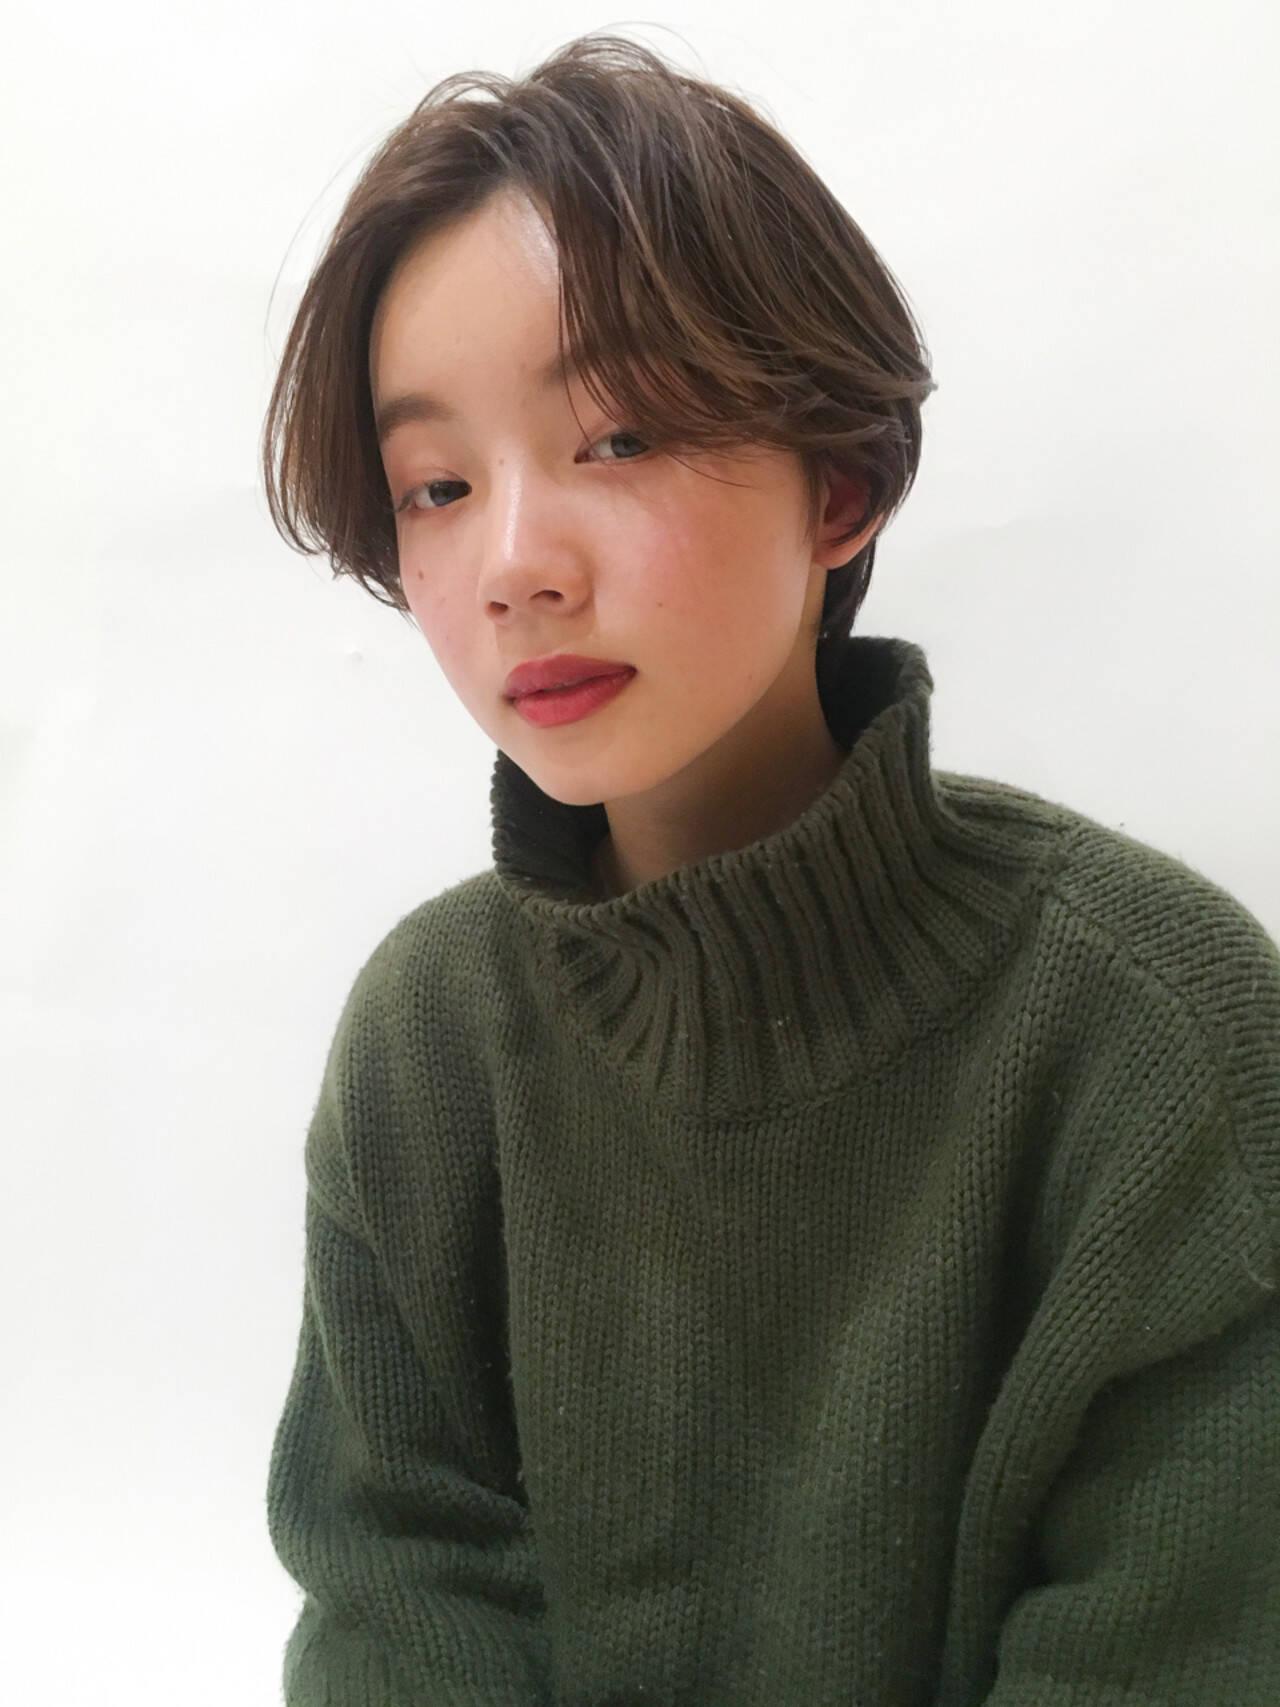 デート ナチュラル ショート ハイライトヘアスタイルや髪型の写真・画像